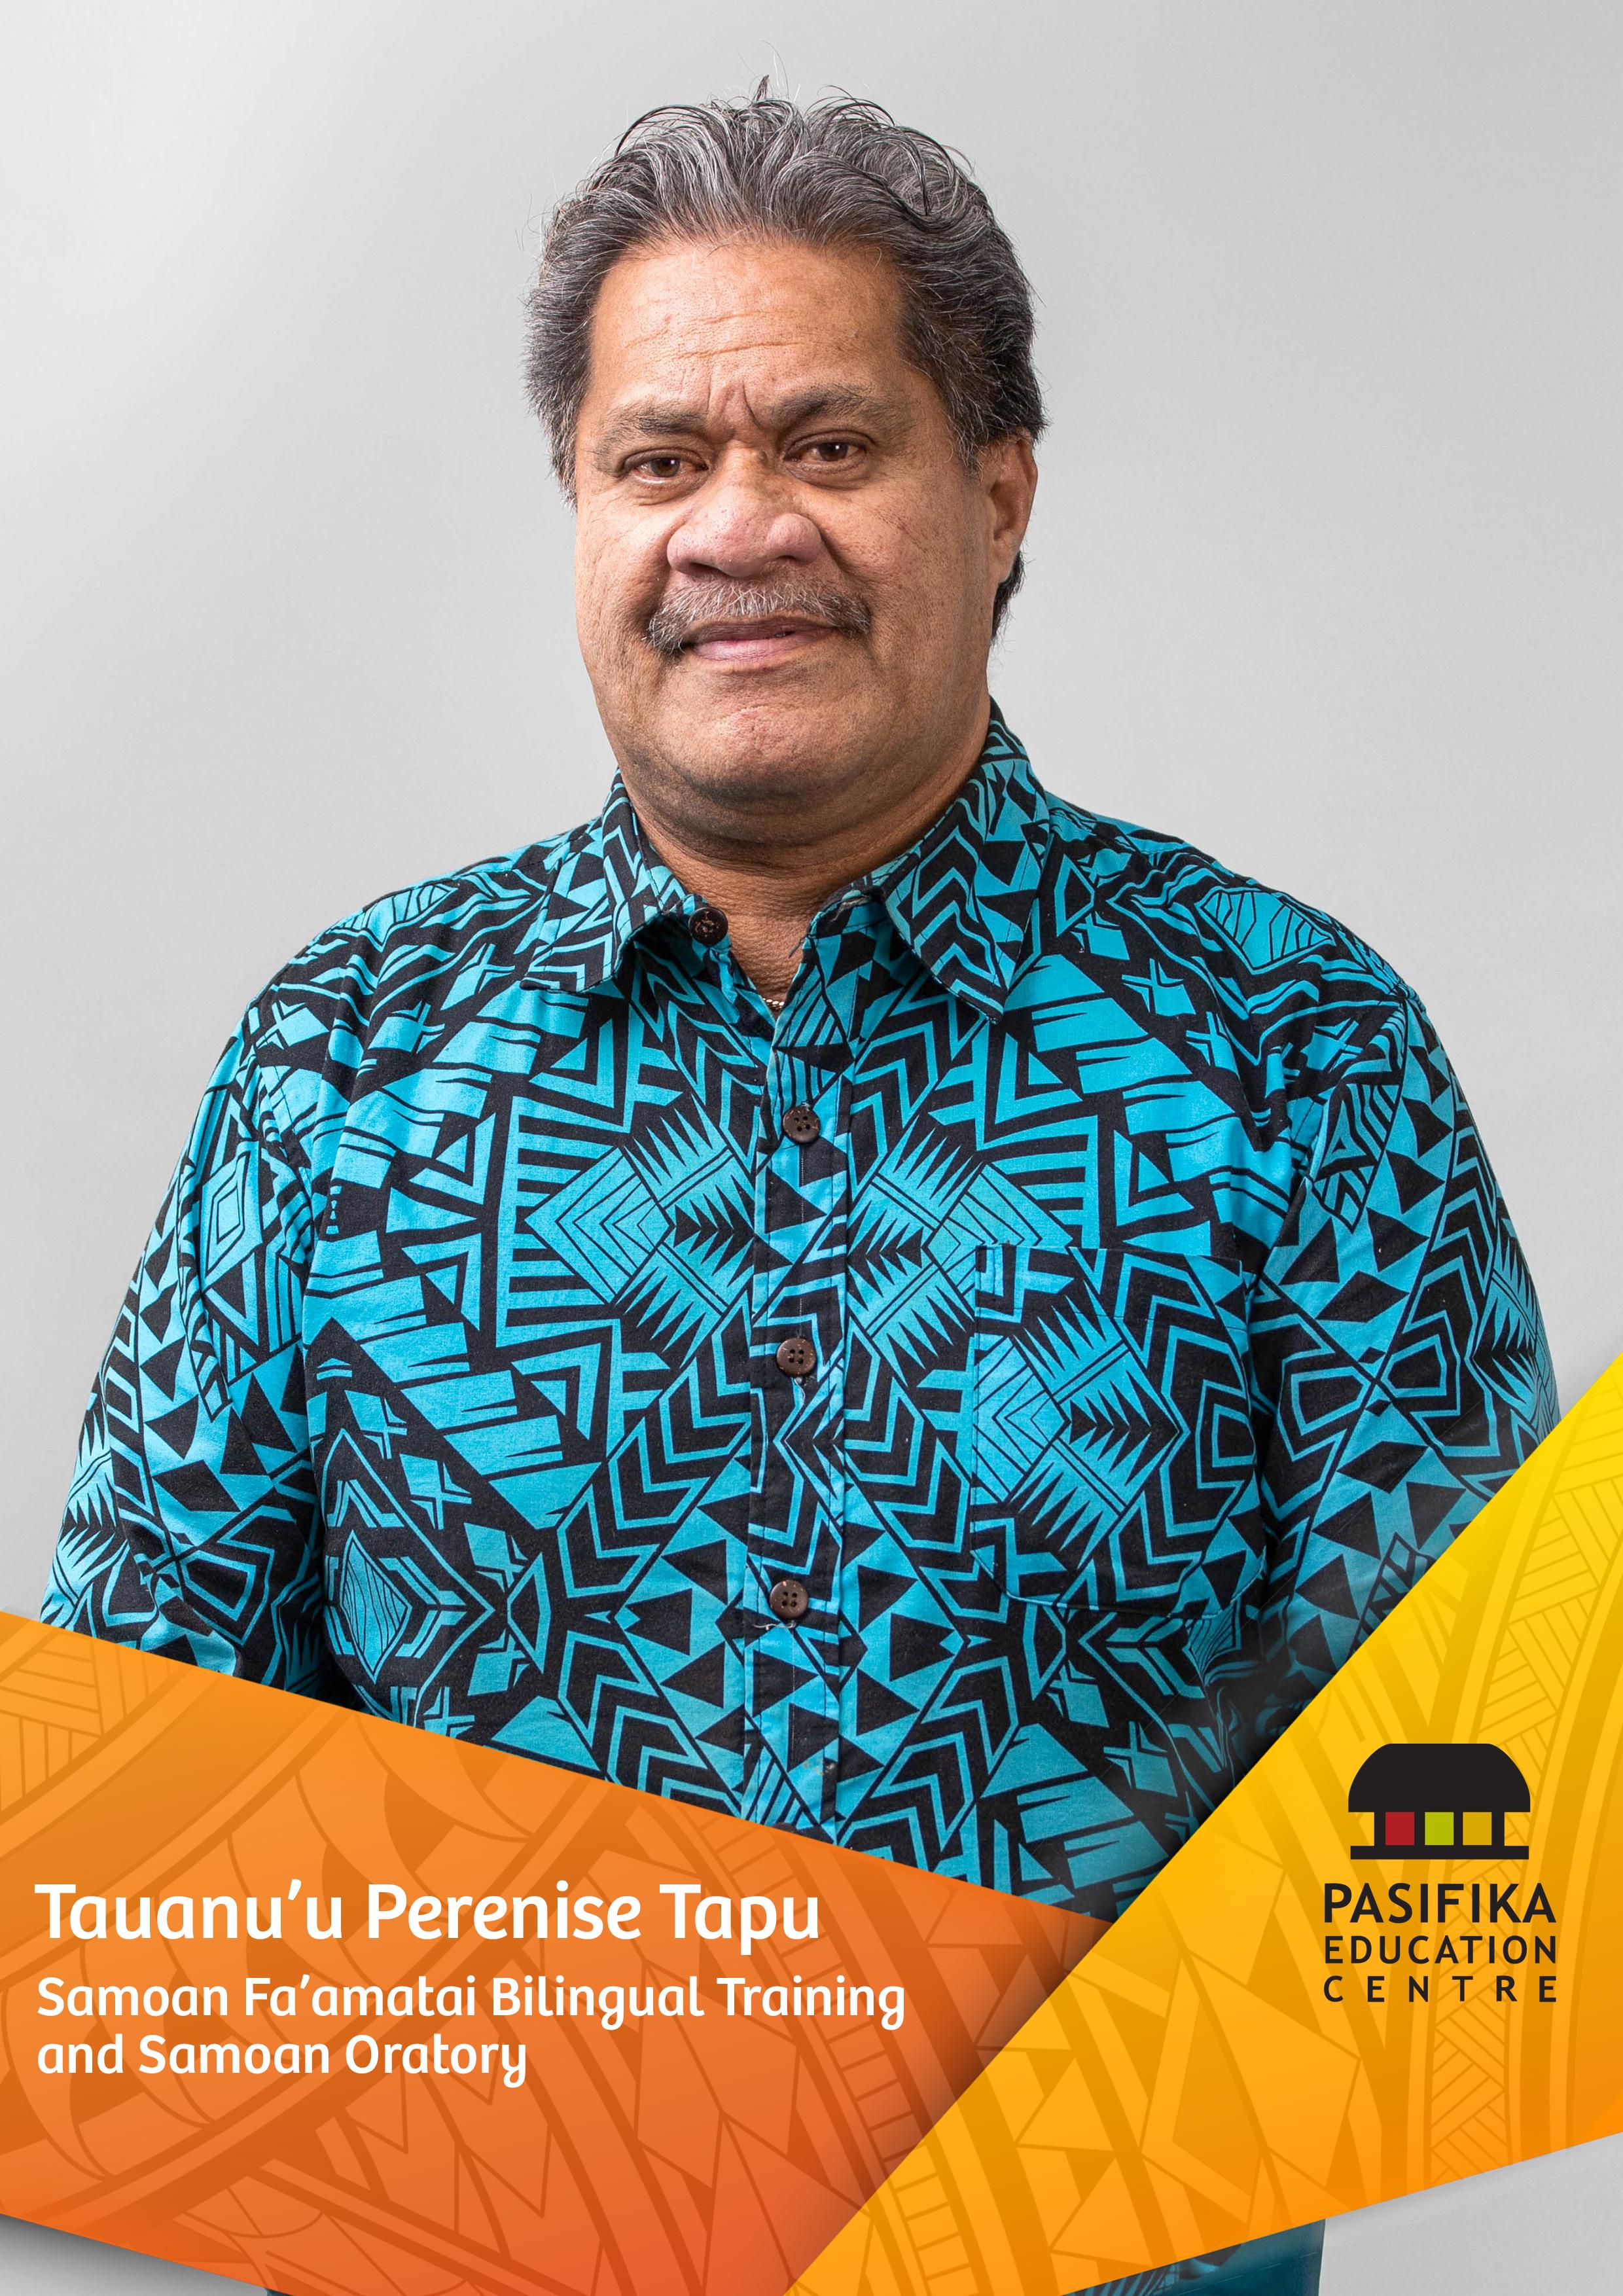 Tauanu'u